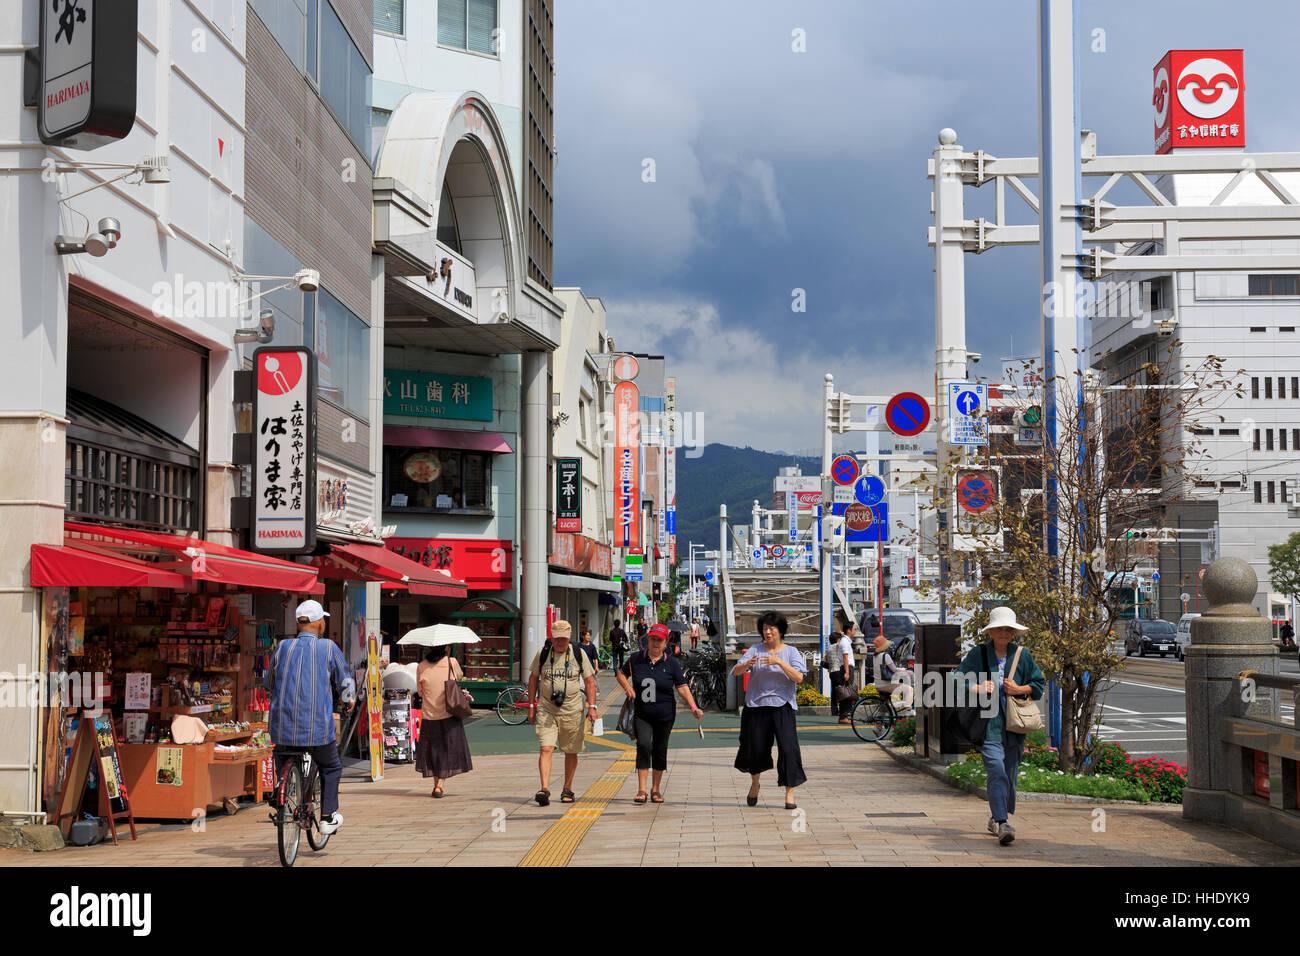 La ville de Kochi, l'île de Shikoku, Japon Photo Stock